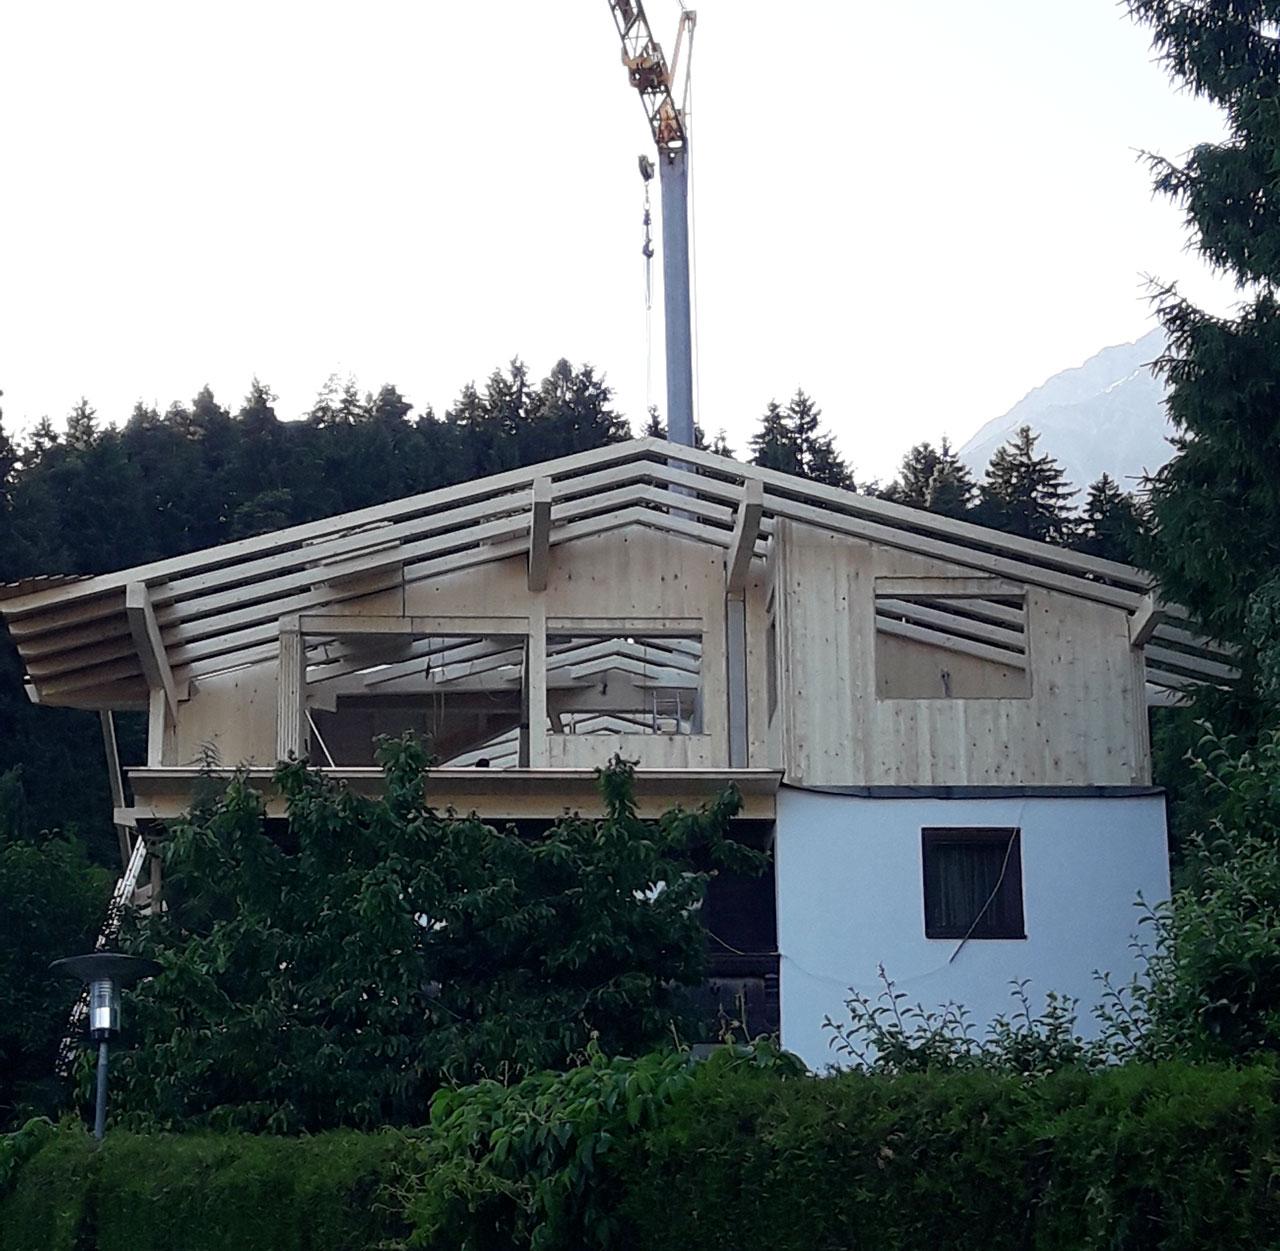 1-9-20-Aufstockung-Holz-Zimmerei-Norz-Thaur.jpg